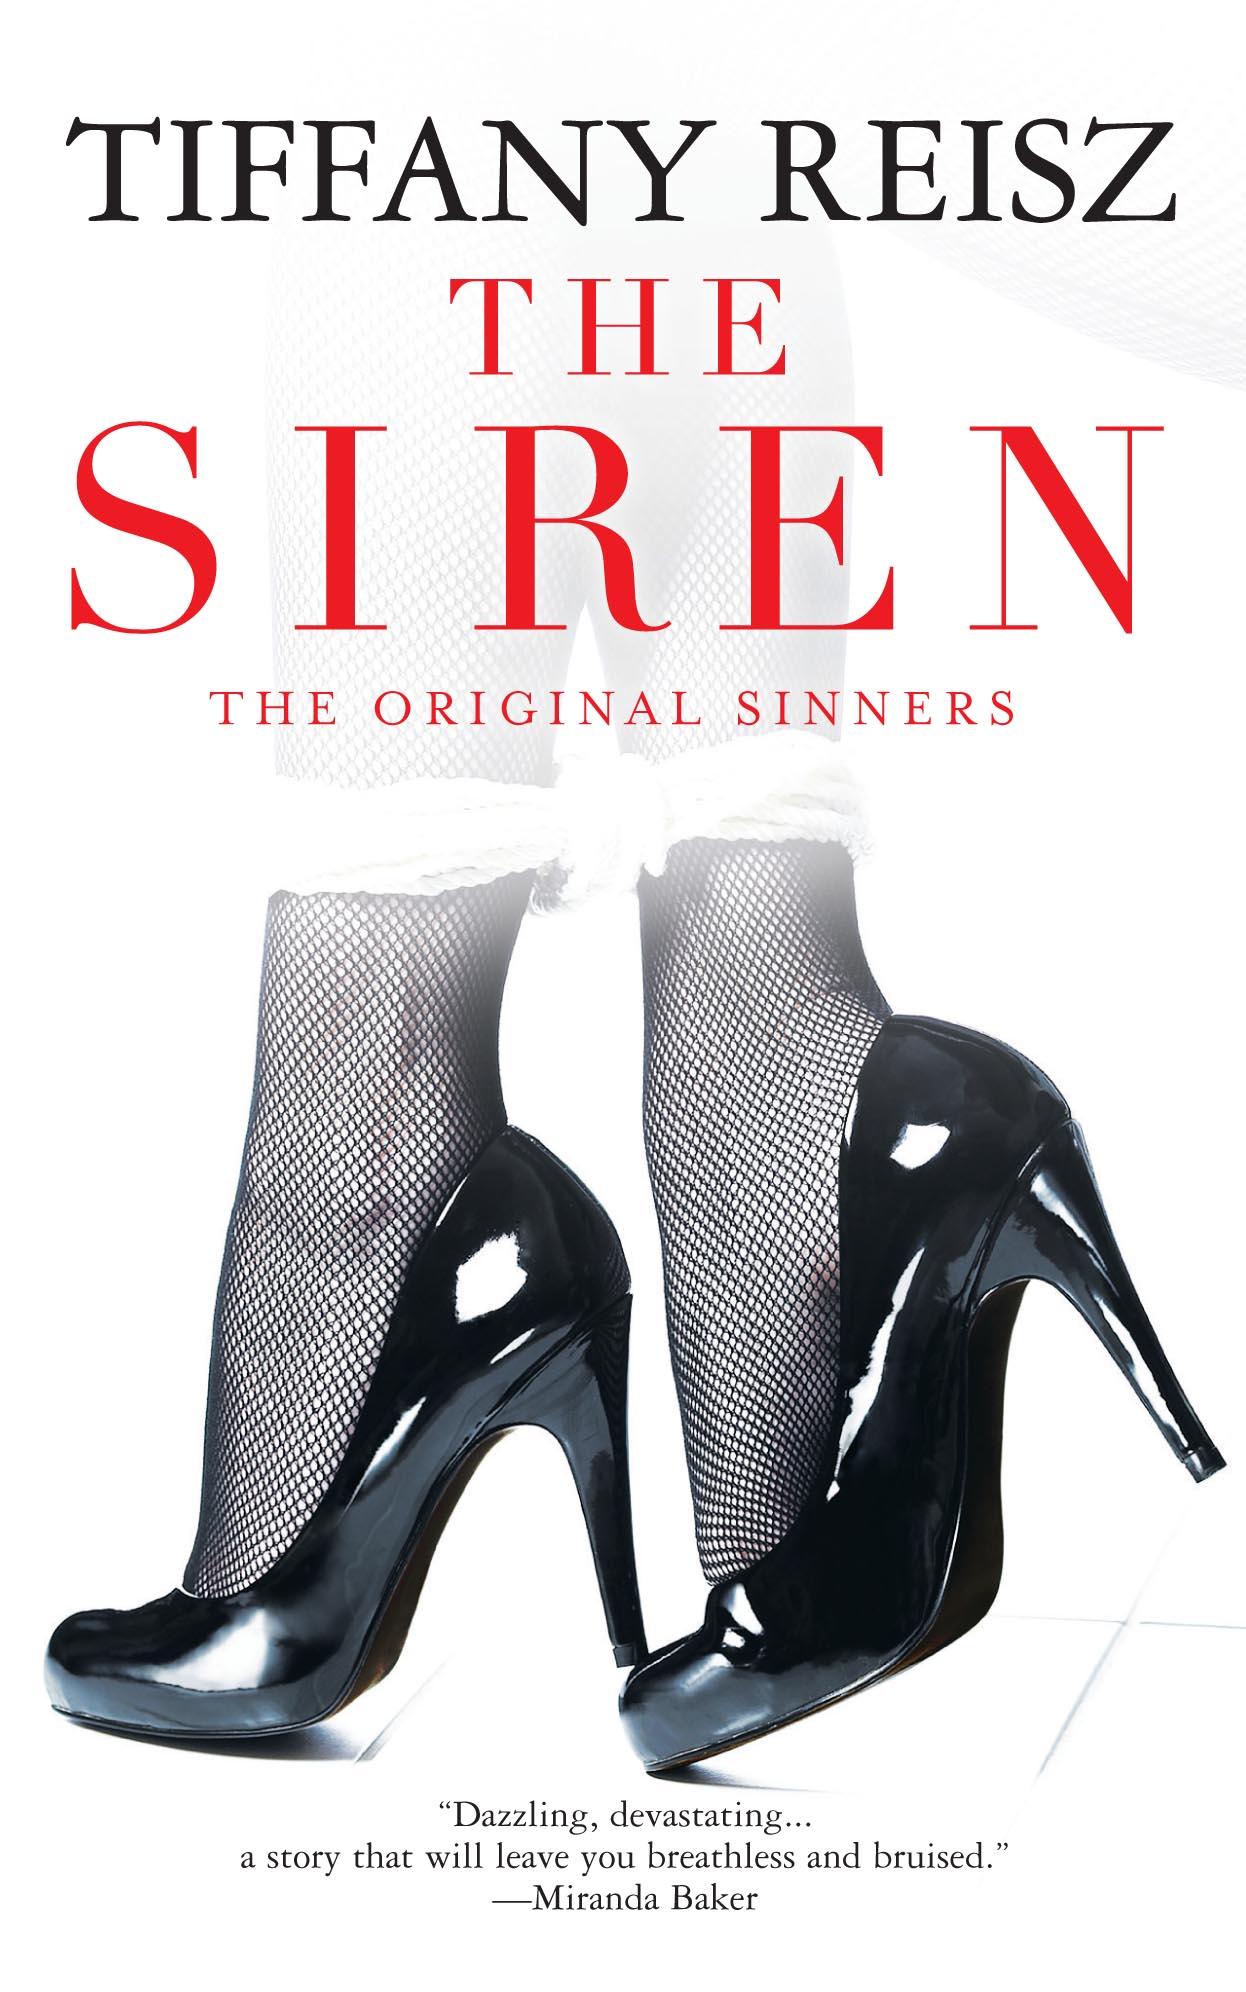 The Siren Paperback by Tiffany Reisz